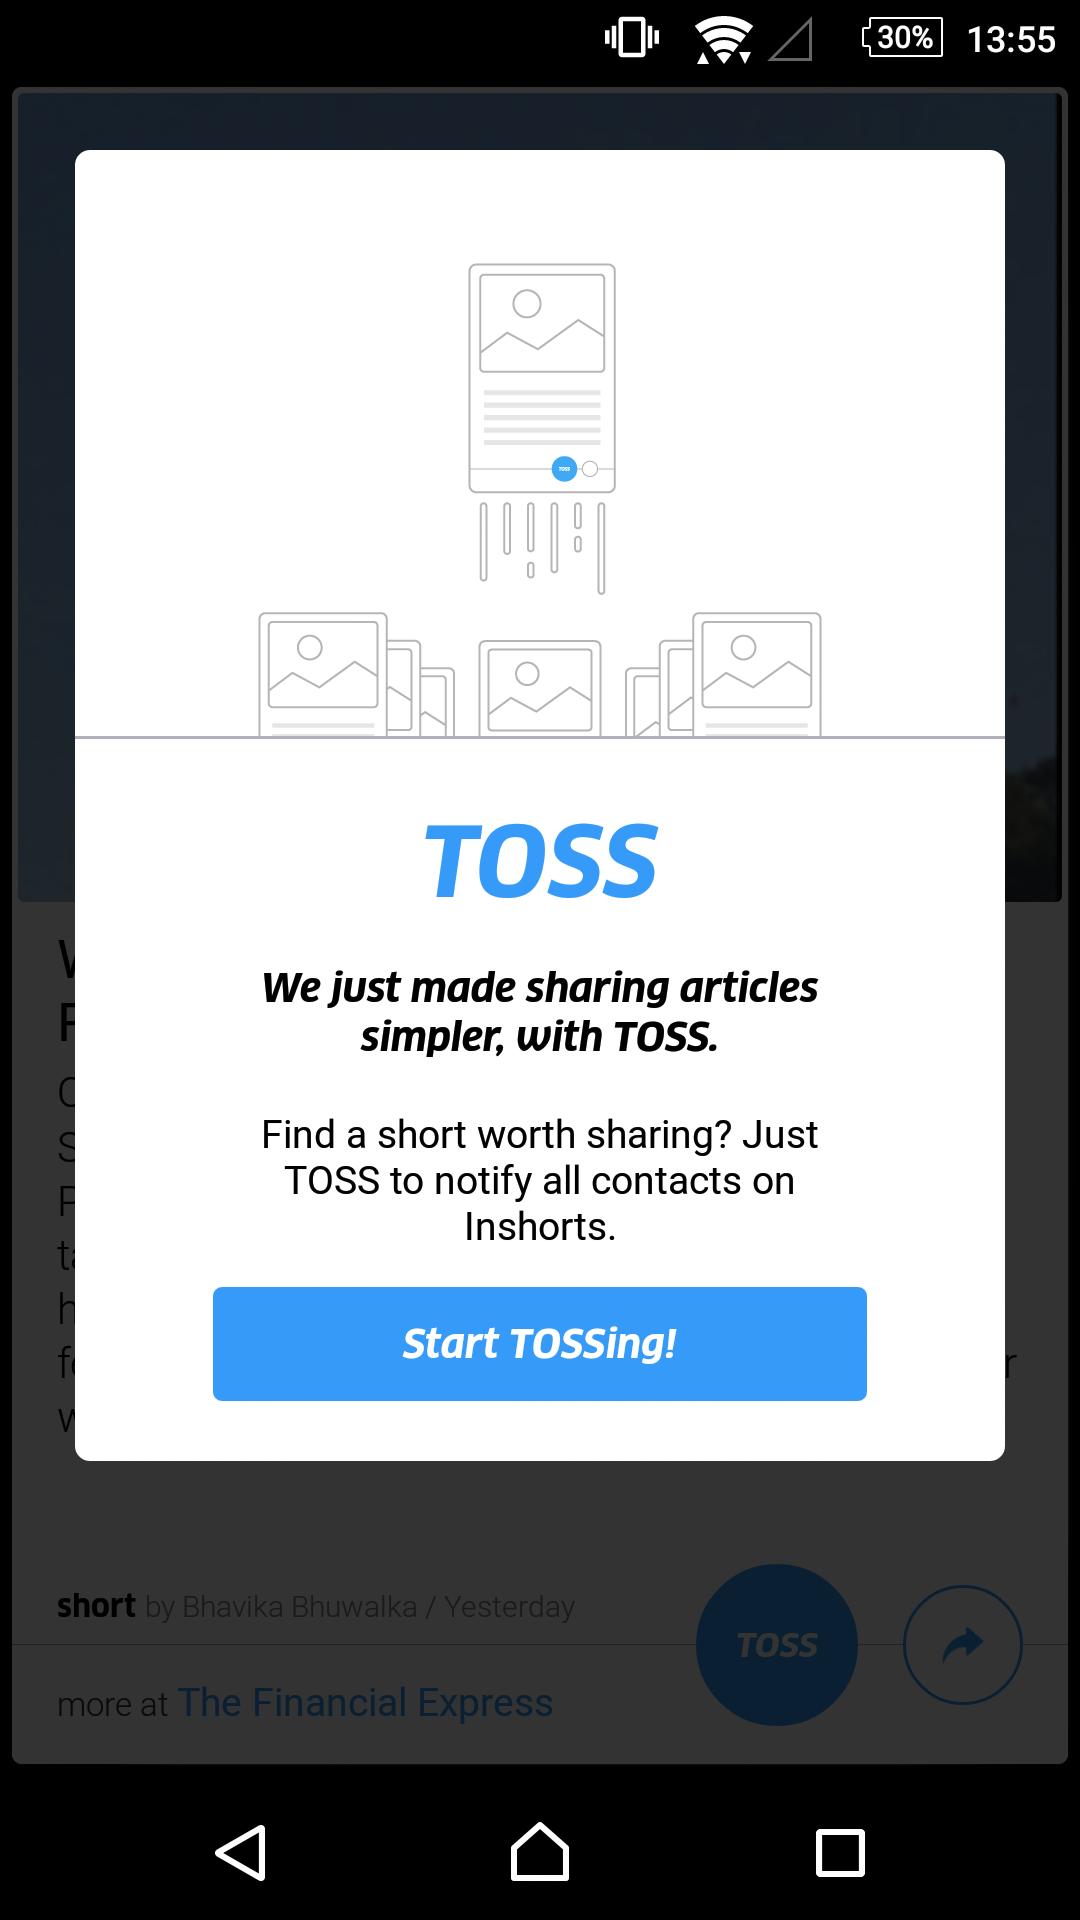 inshorts toss